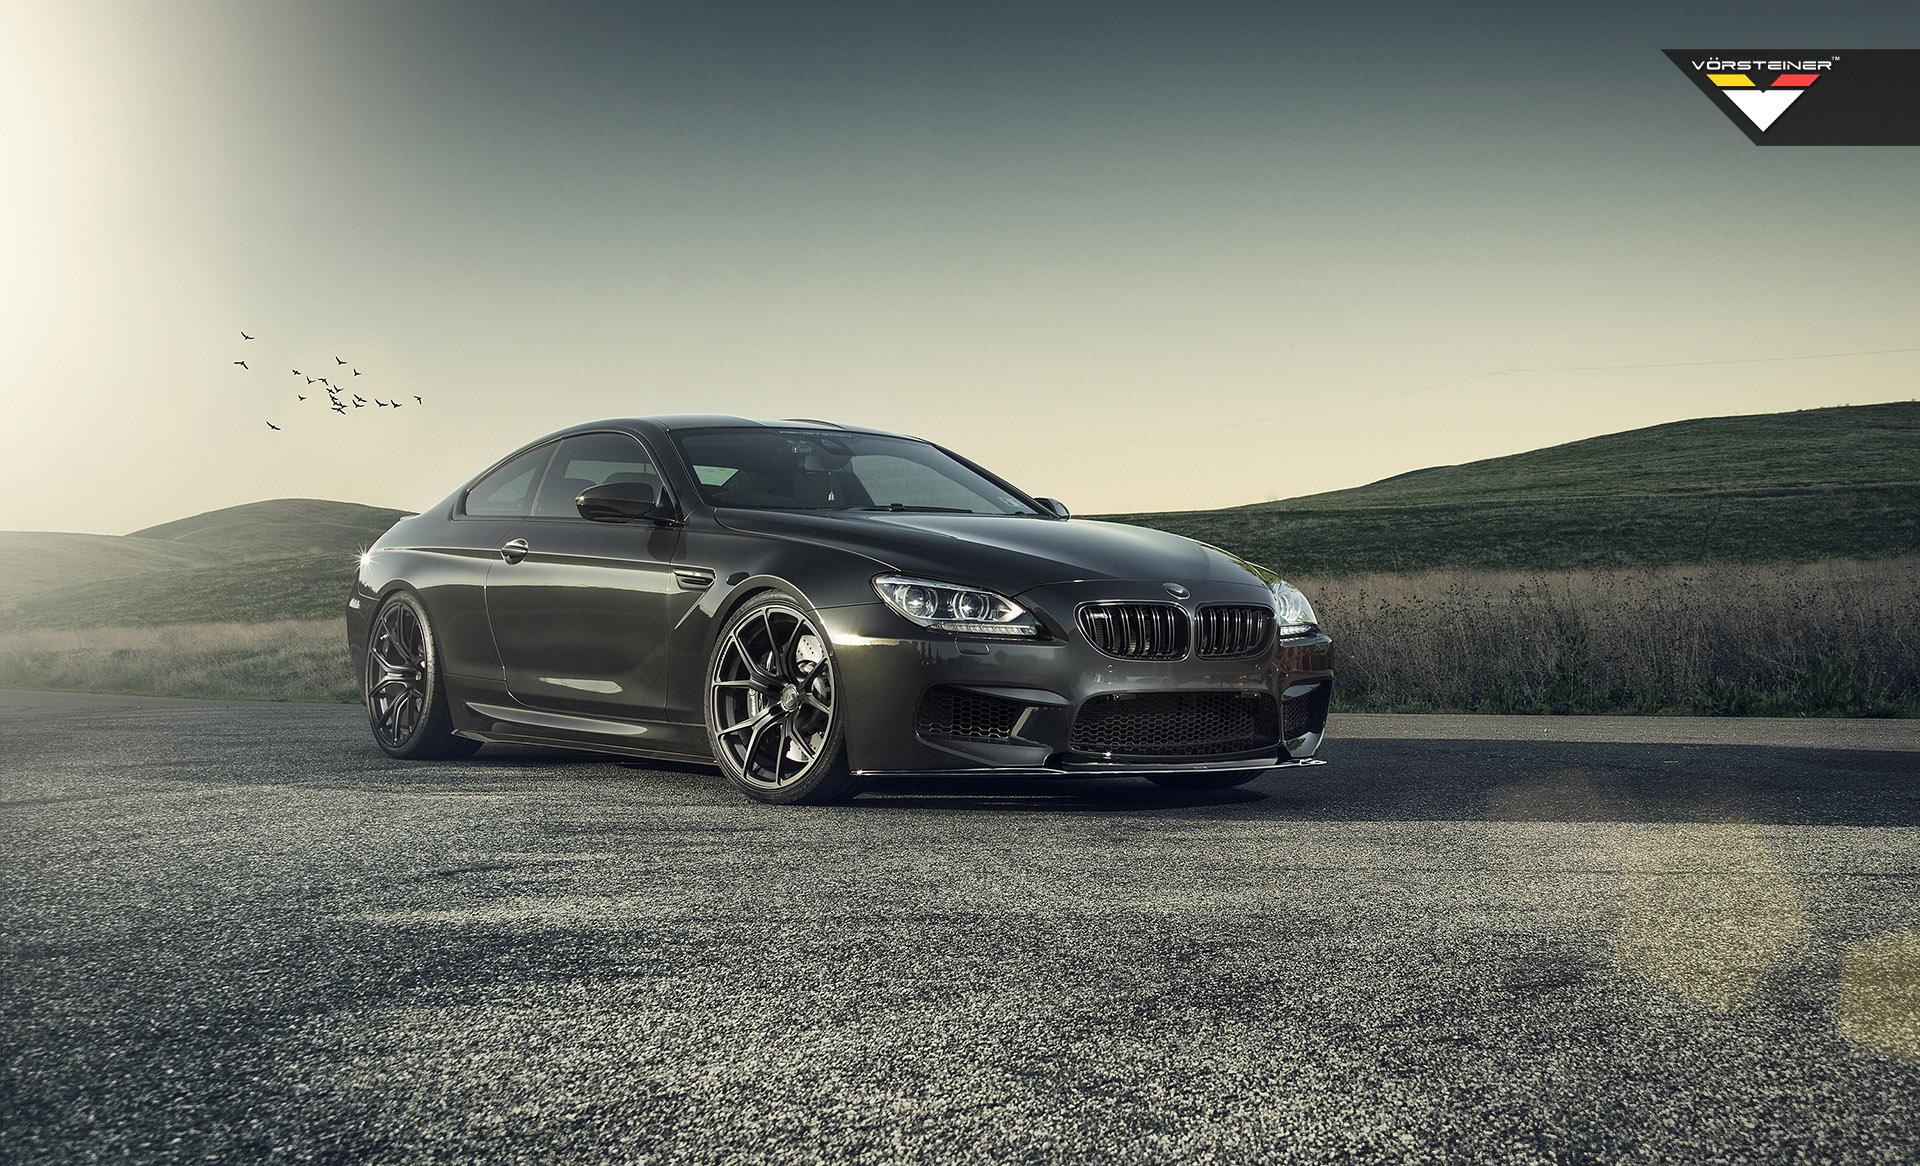 2014 Vorsteiner BMW F13 M6